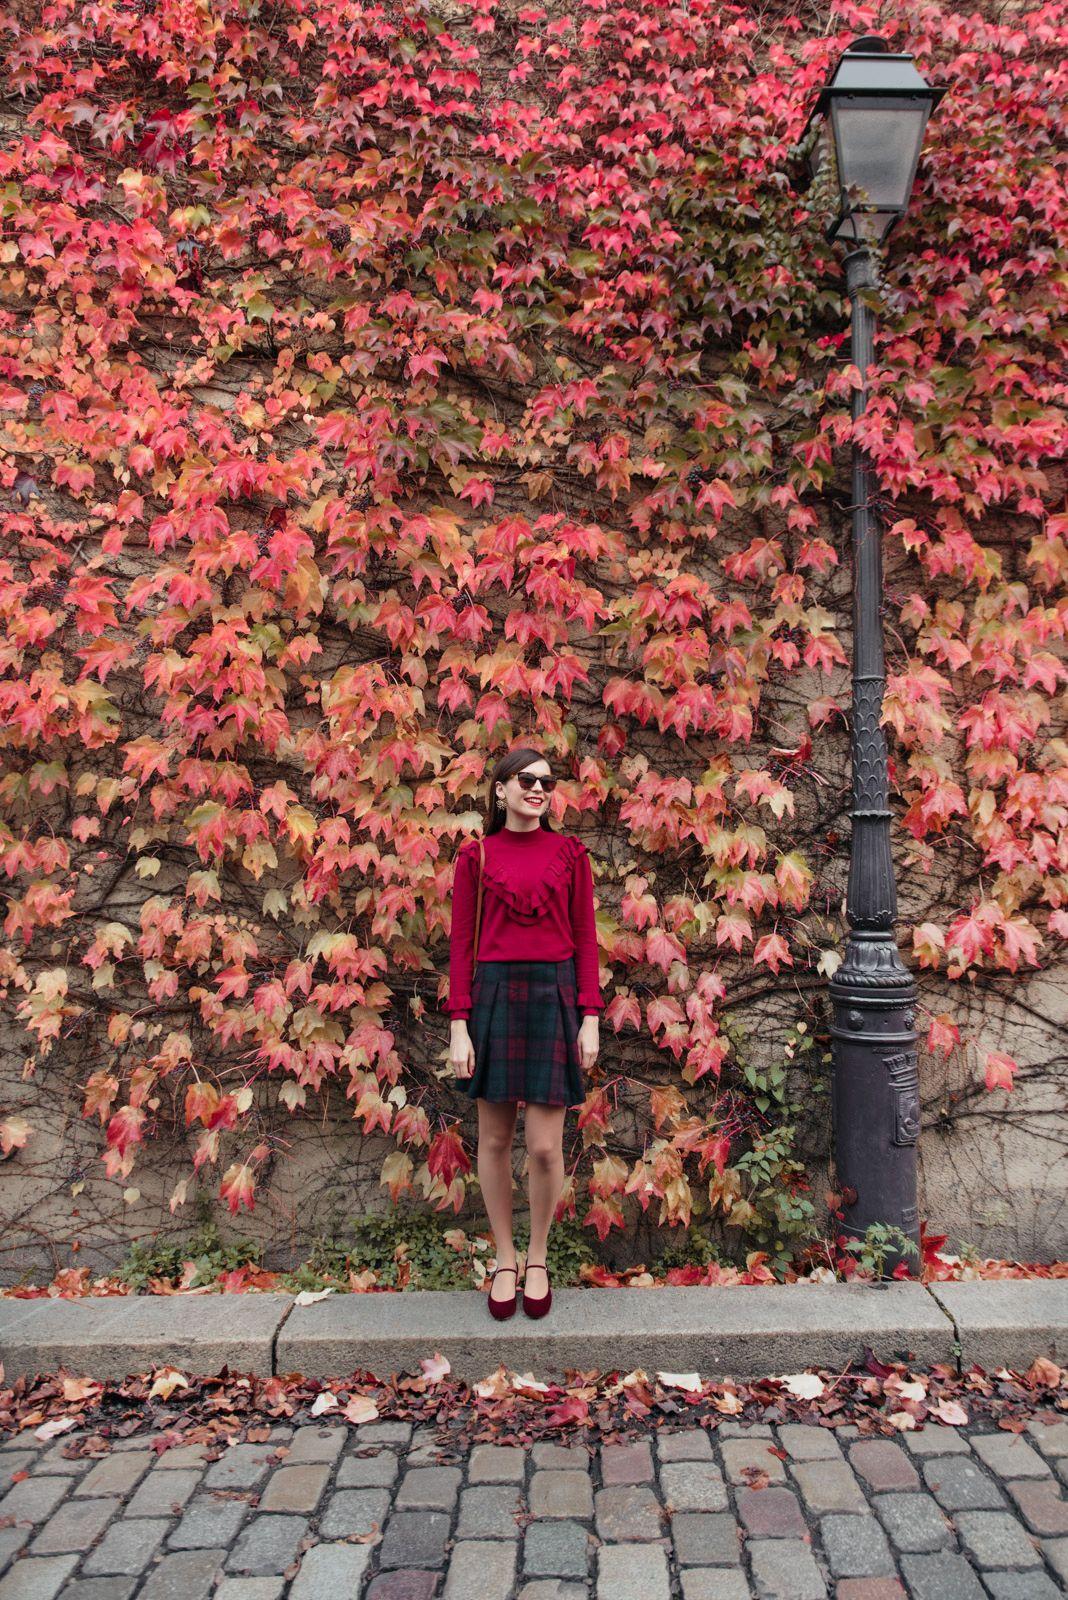 Le mur de feuilles d'automne (avec images) Feuille